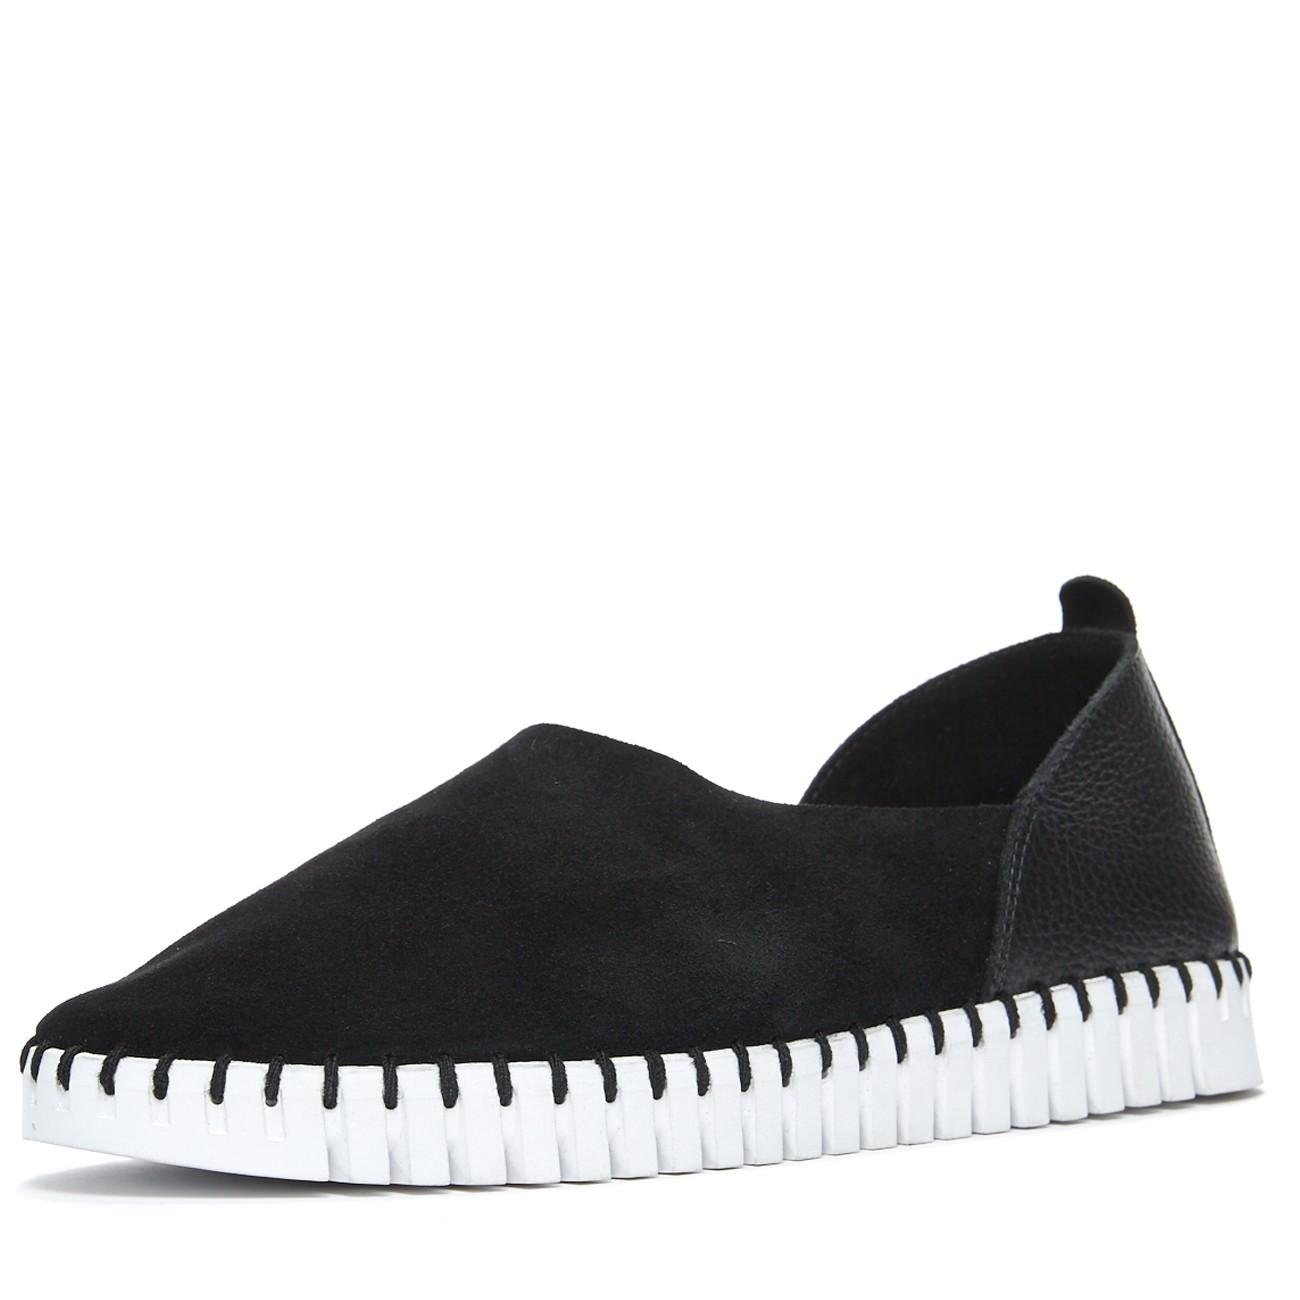 bendy_shoe-black-3-4.jpg